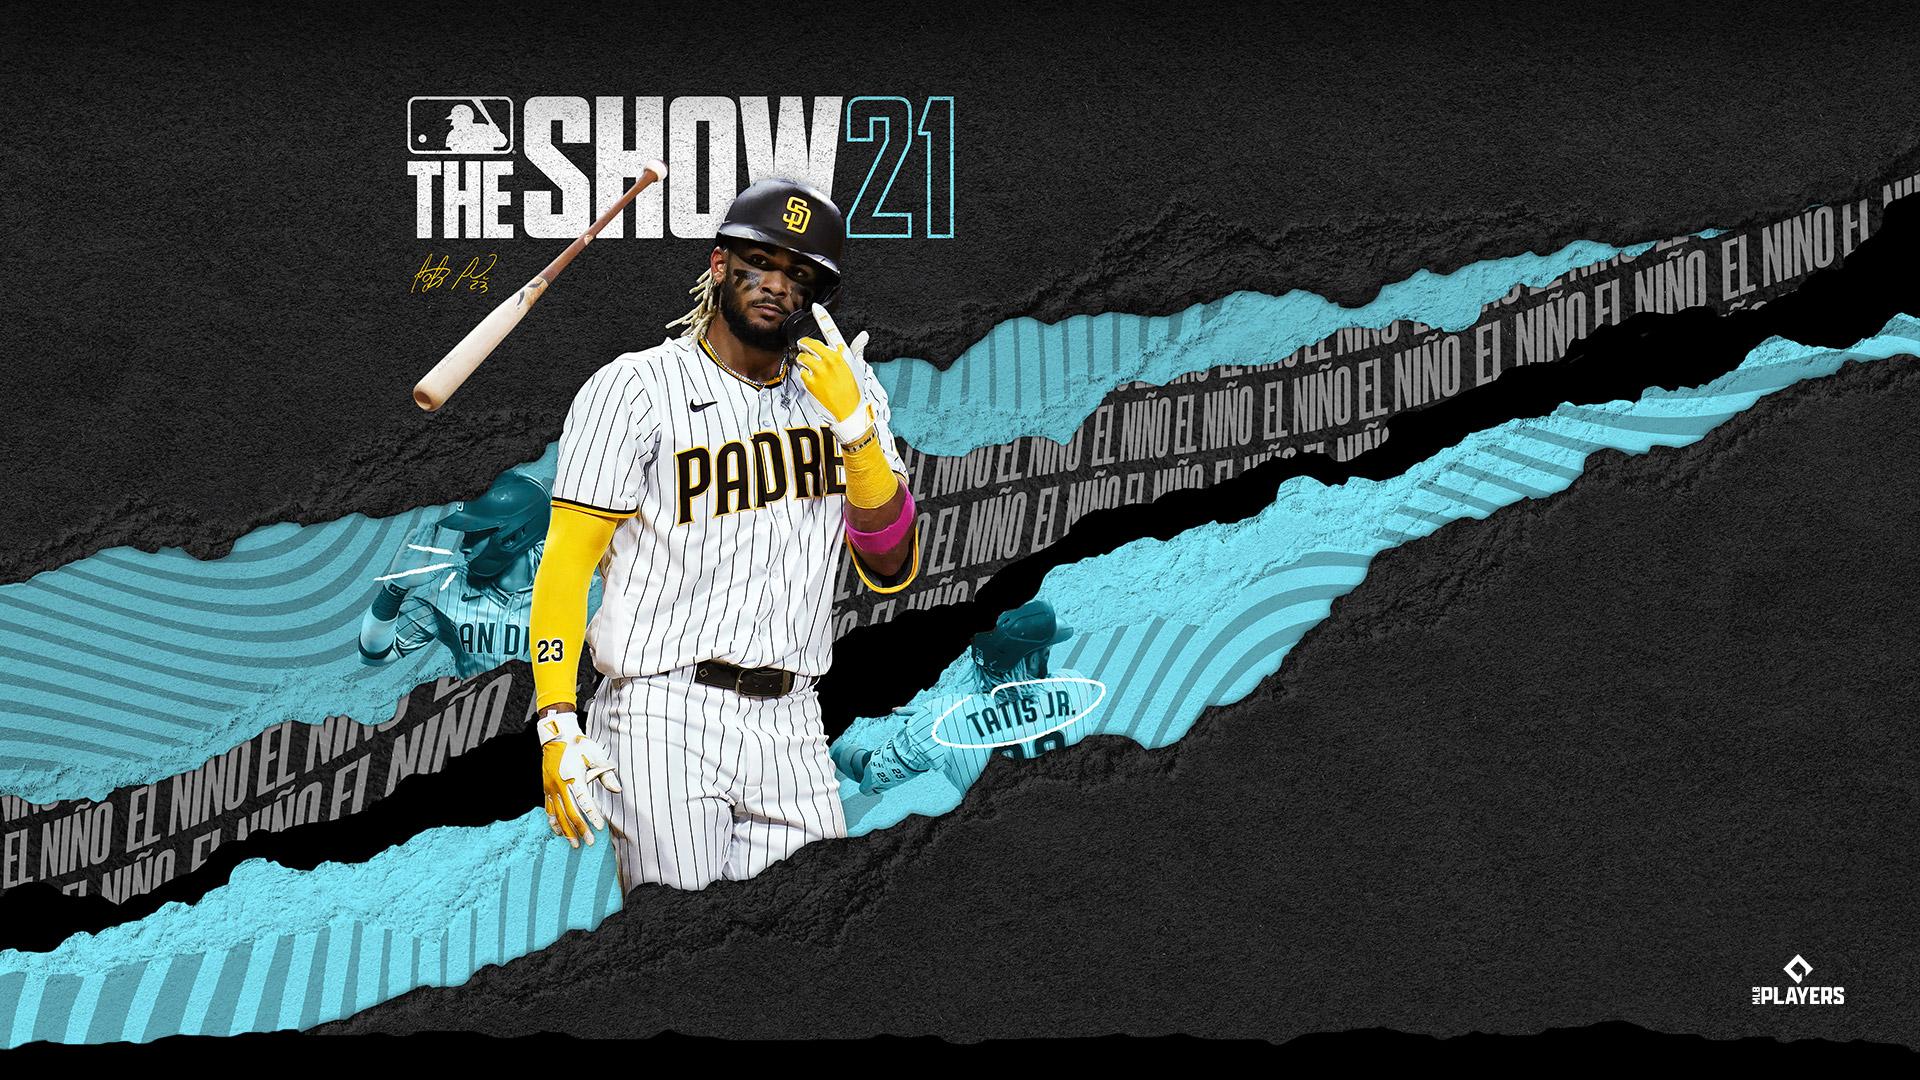 MLB The Show 21: Fernando Tatis Jr. dos Padres joga seu taco, um logotipo da MLB Players está no canto.